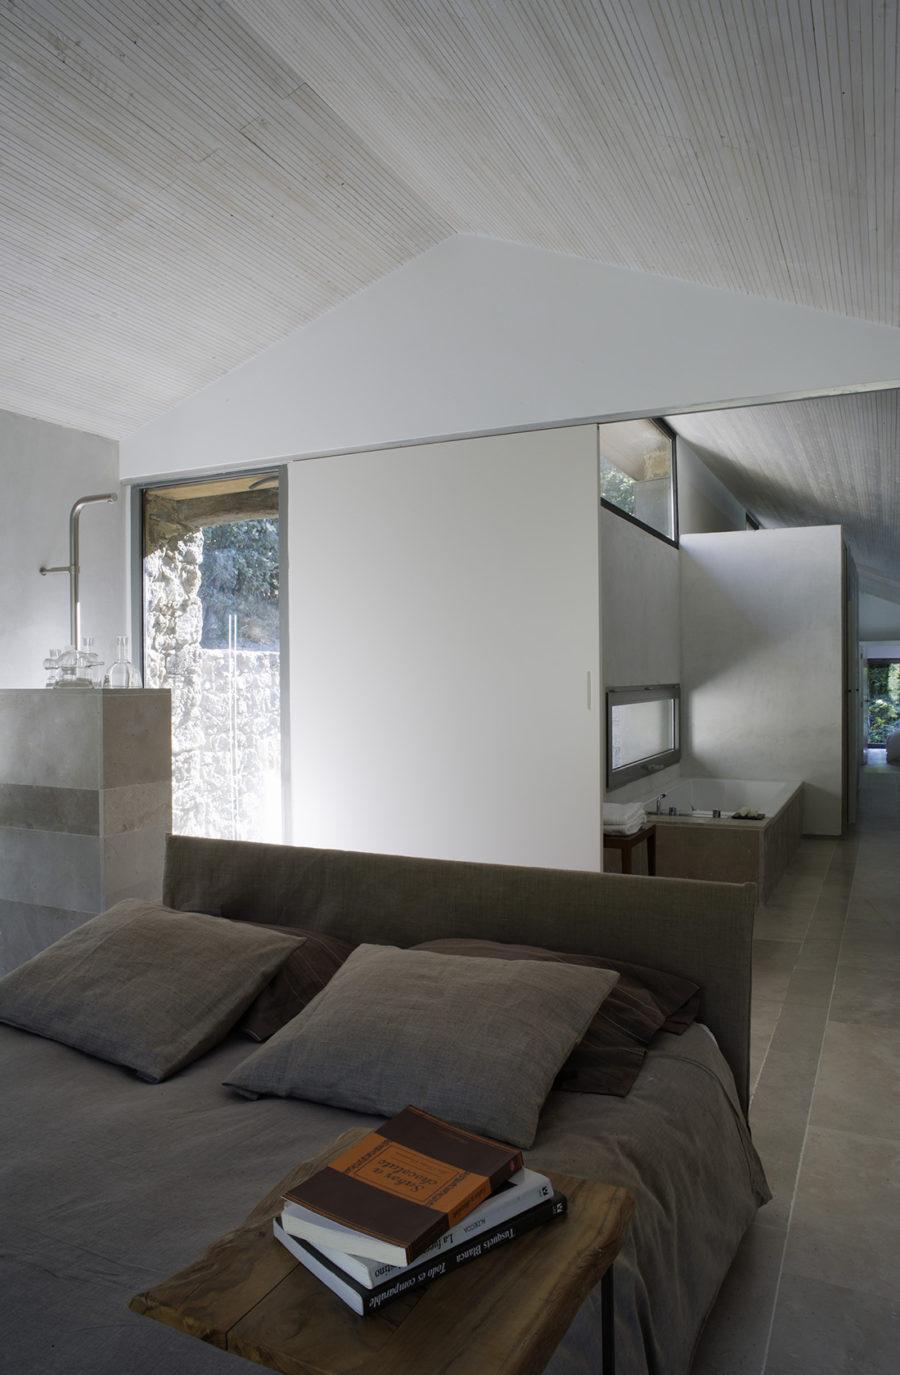 Detalle de la habitación con techos inclinados de madera